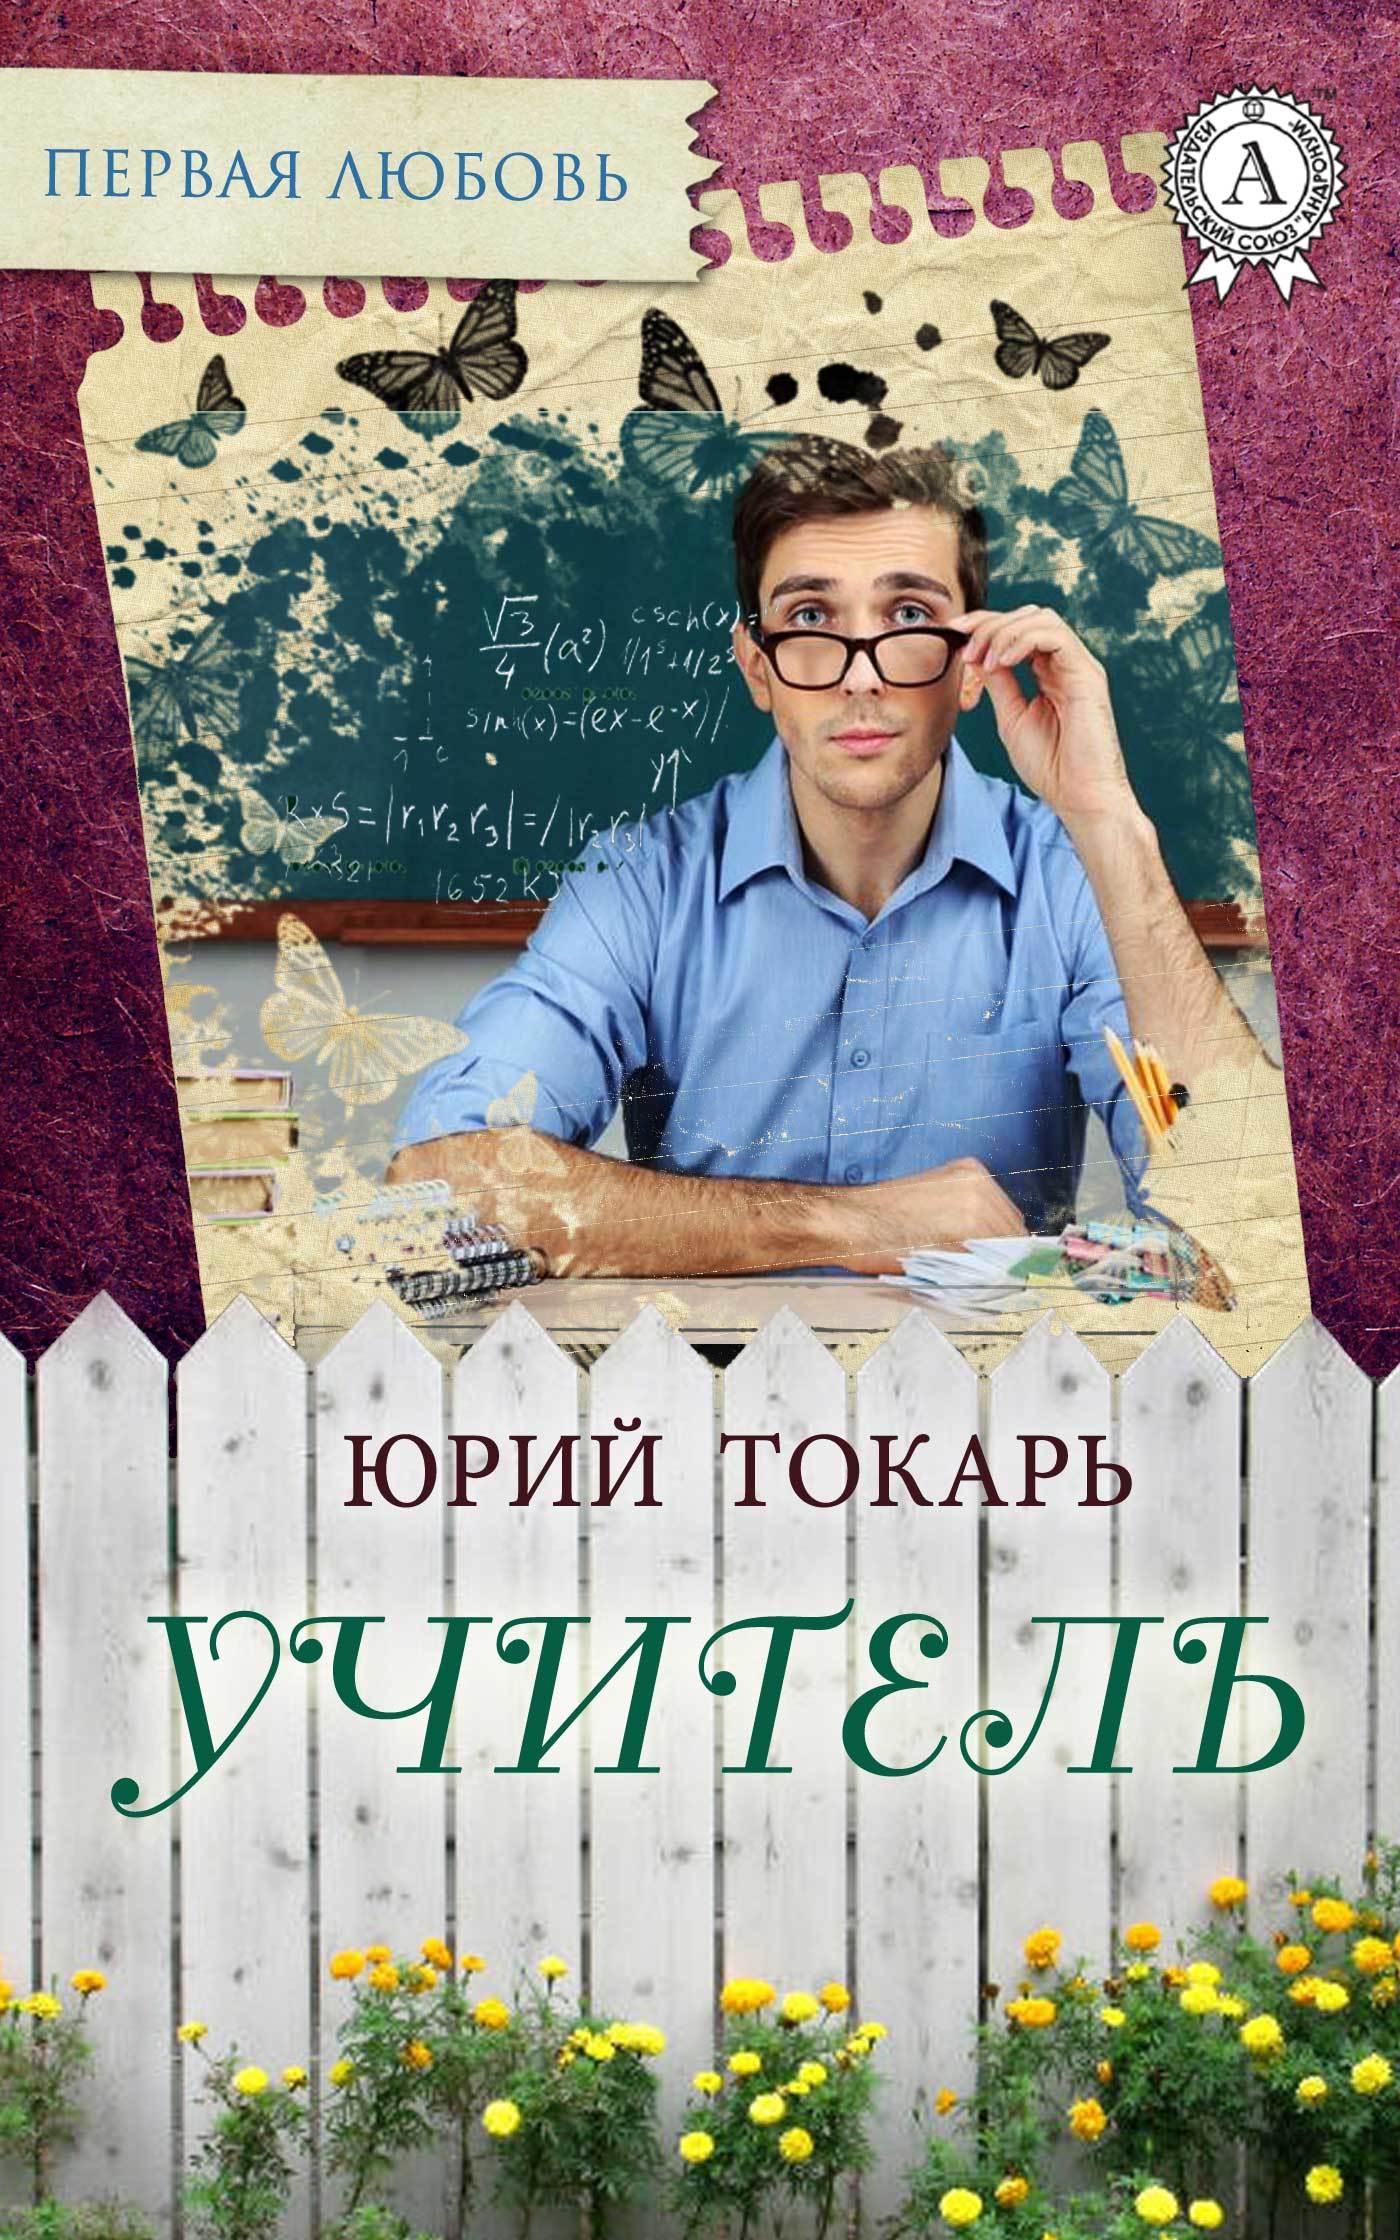 Юрий Токарь - Учитель